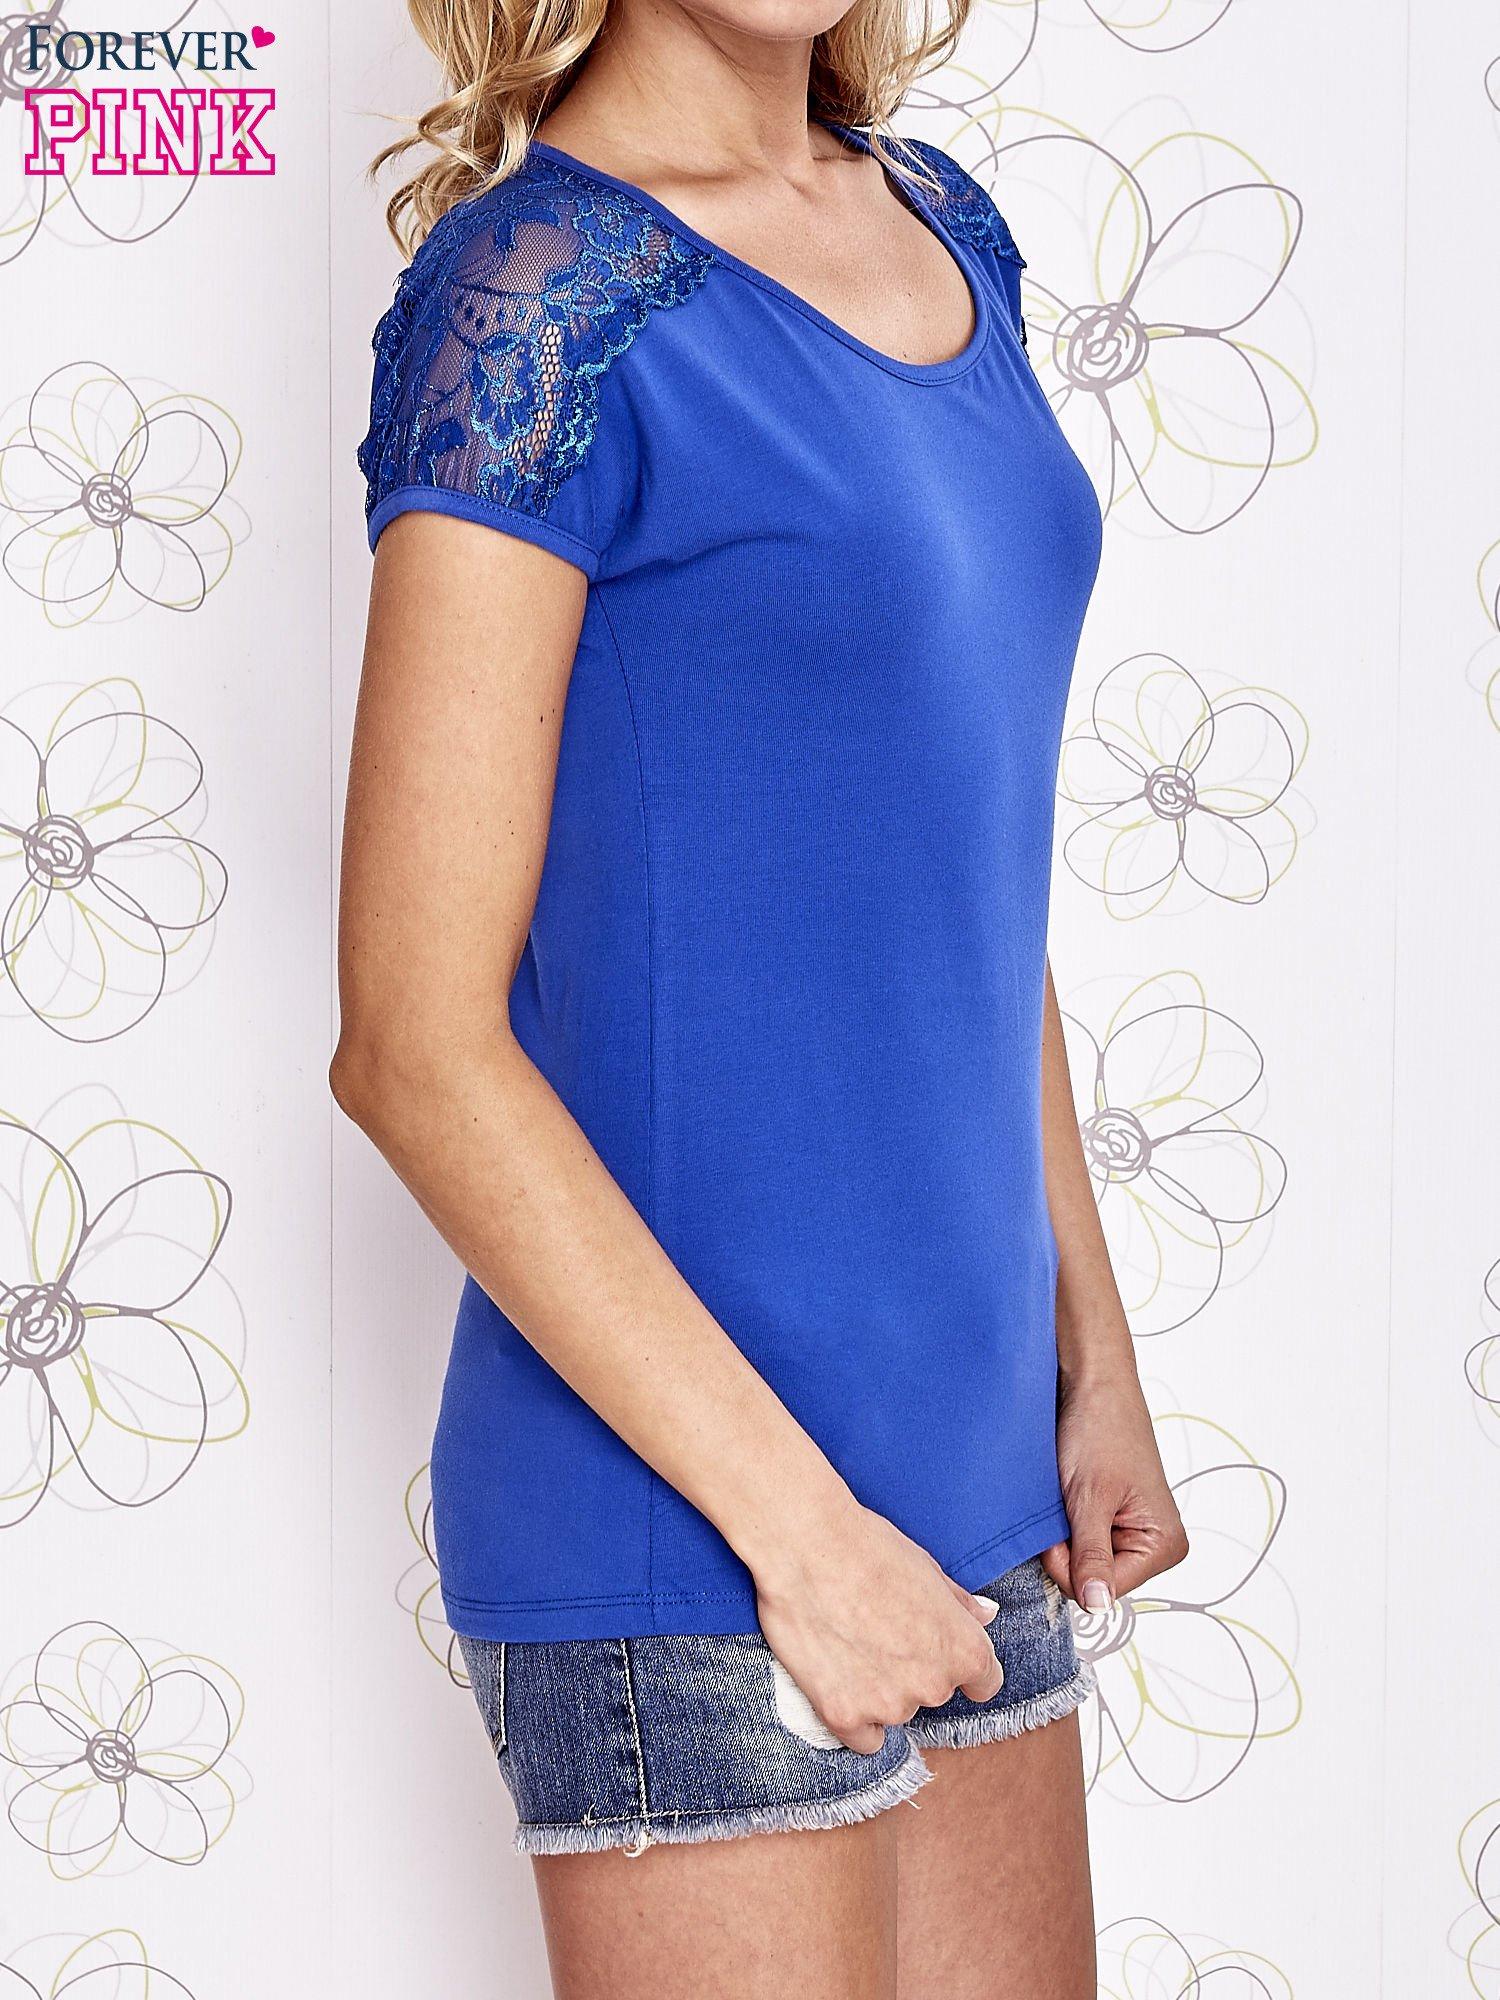 Ciemnoniebieski t-shirt z koronkowym wykończeniem rękawów                                  zdj.                                  3